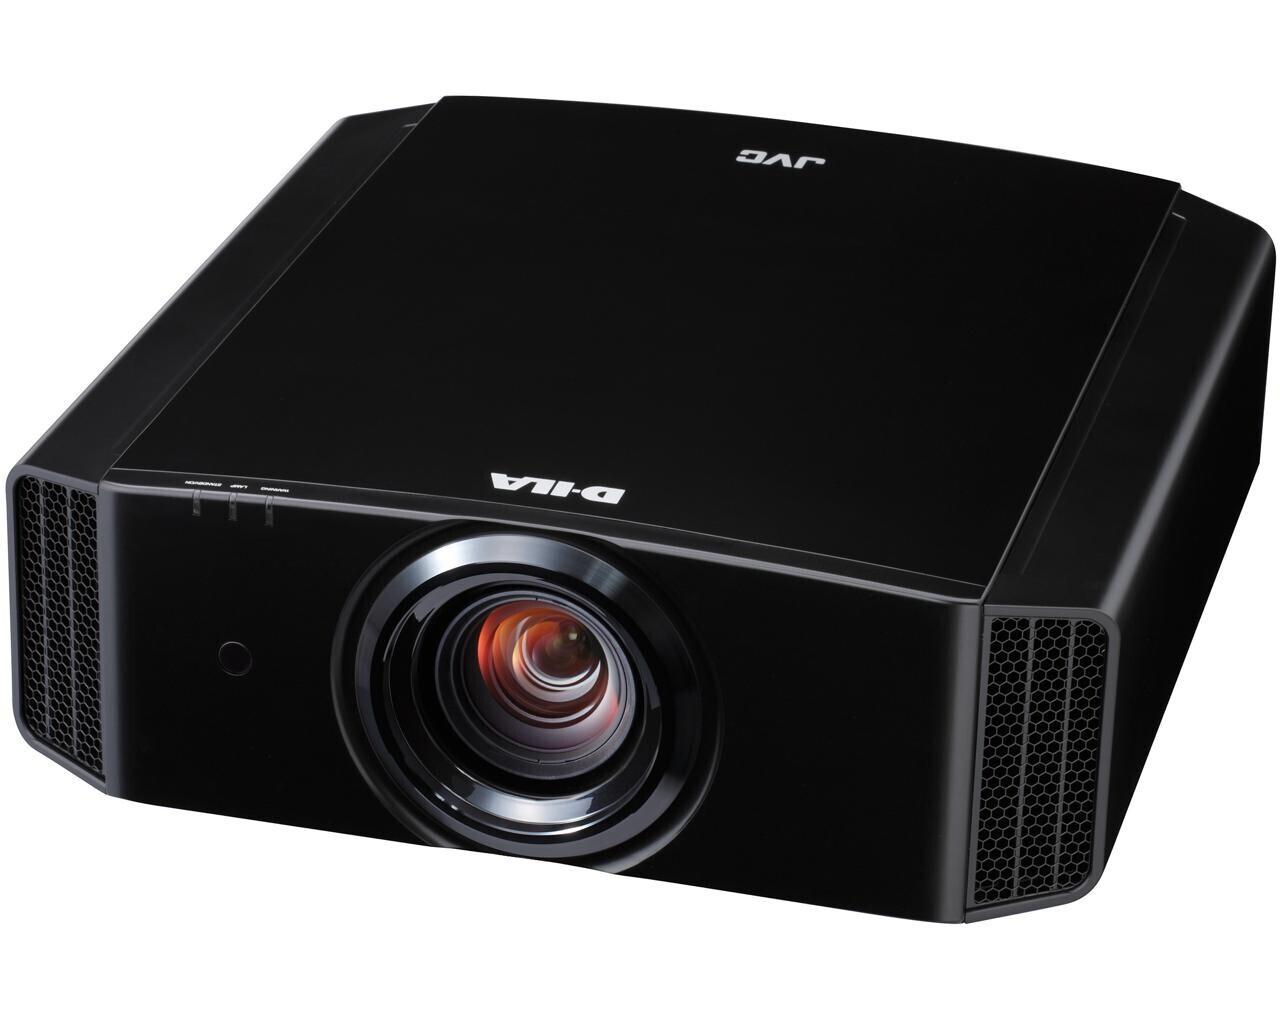 JVC DLA-X5900BE 4K Beamer mit 1800 ANSI-Lumen und 3840x2160 Auflösung